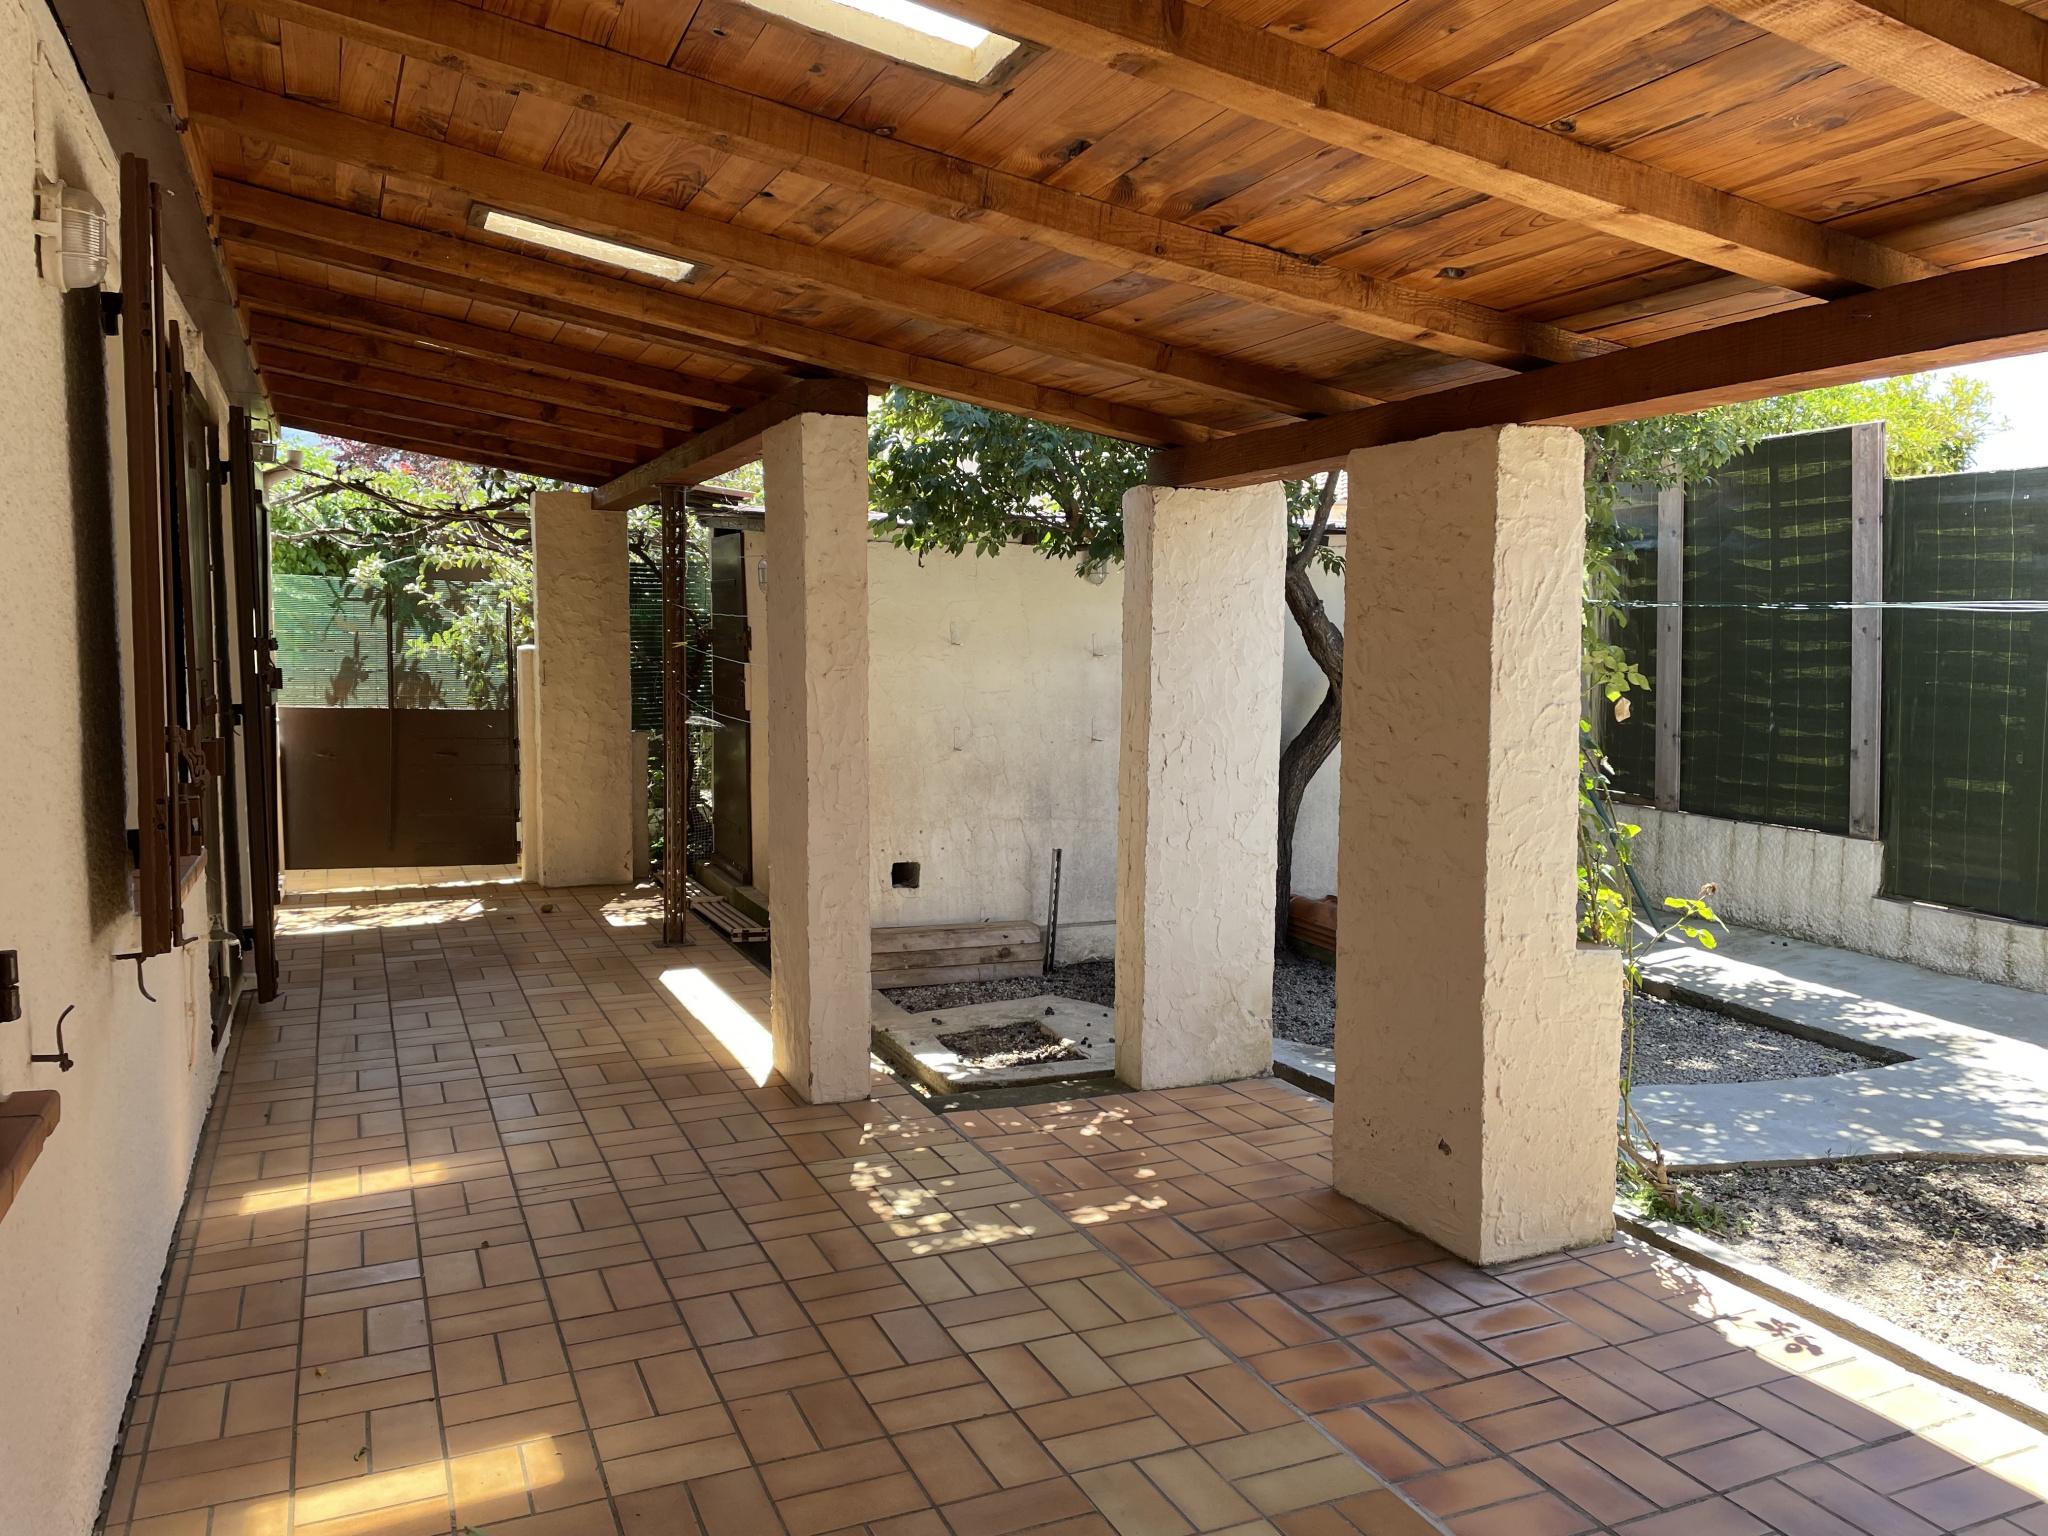 À vendre maison/villa de 100m2 à st genis des fontaines (66740) - Photo 7'